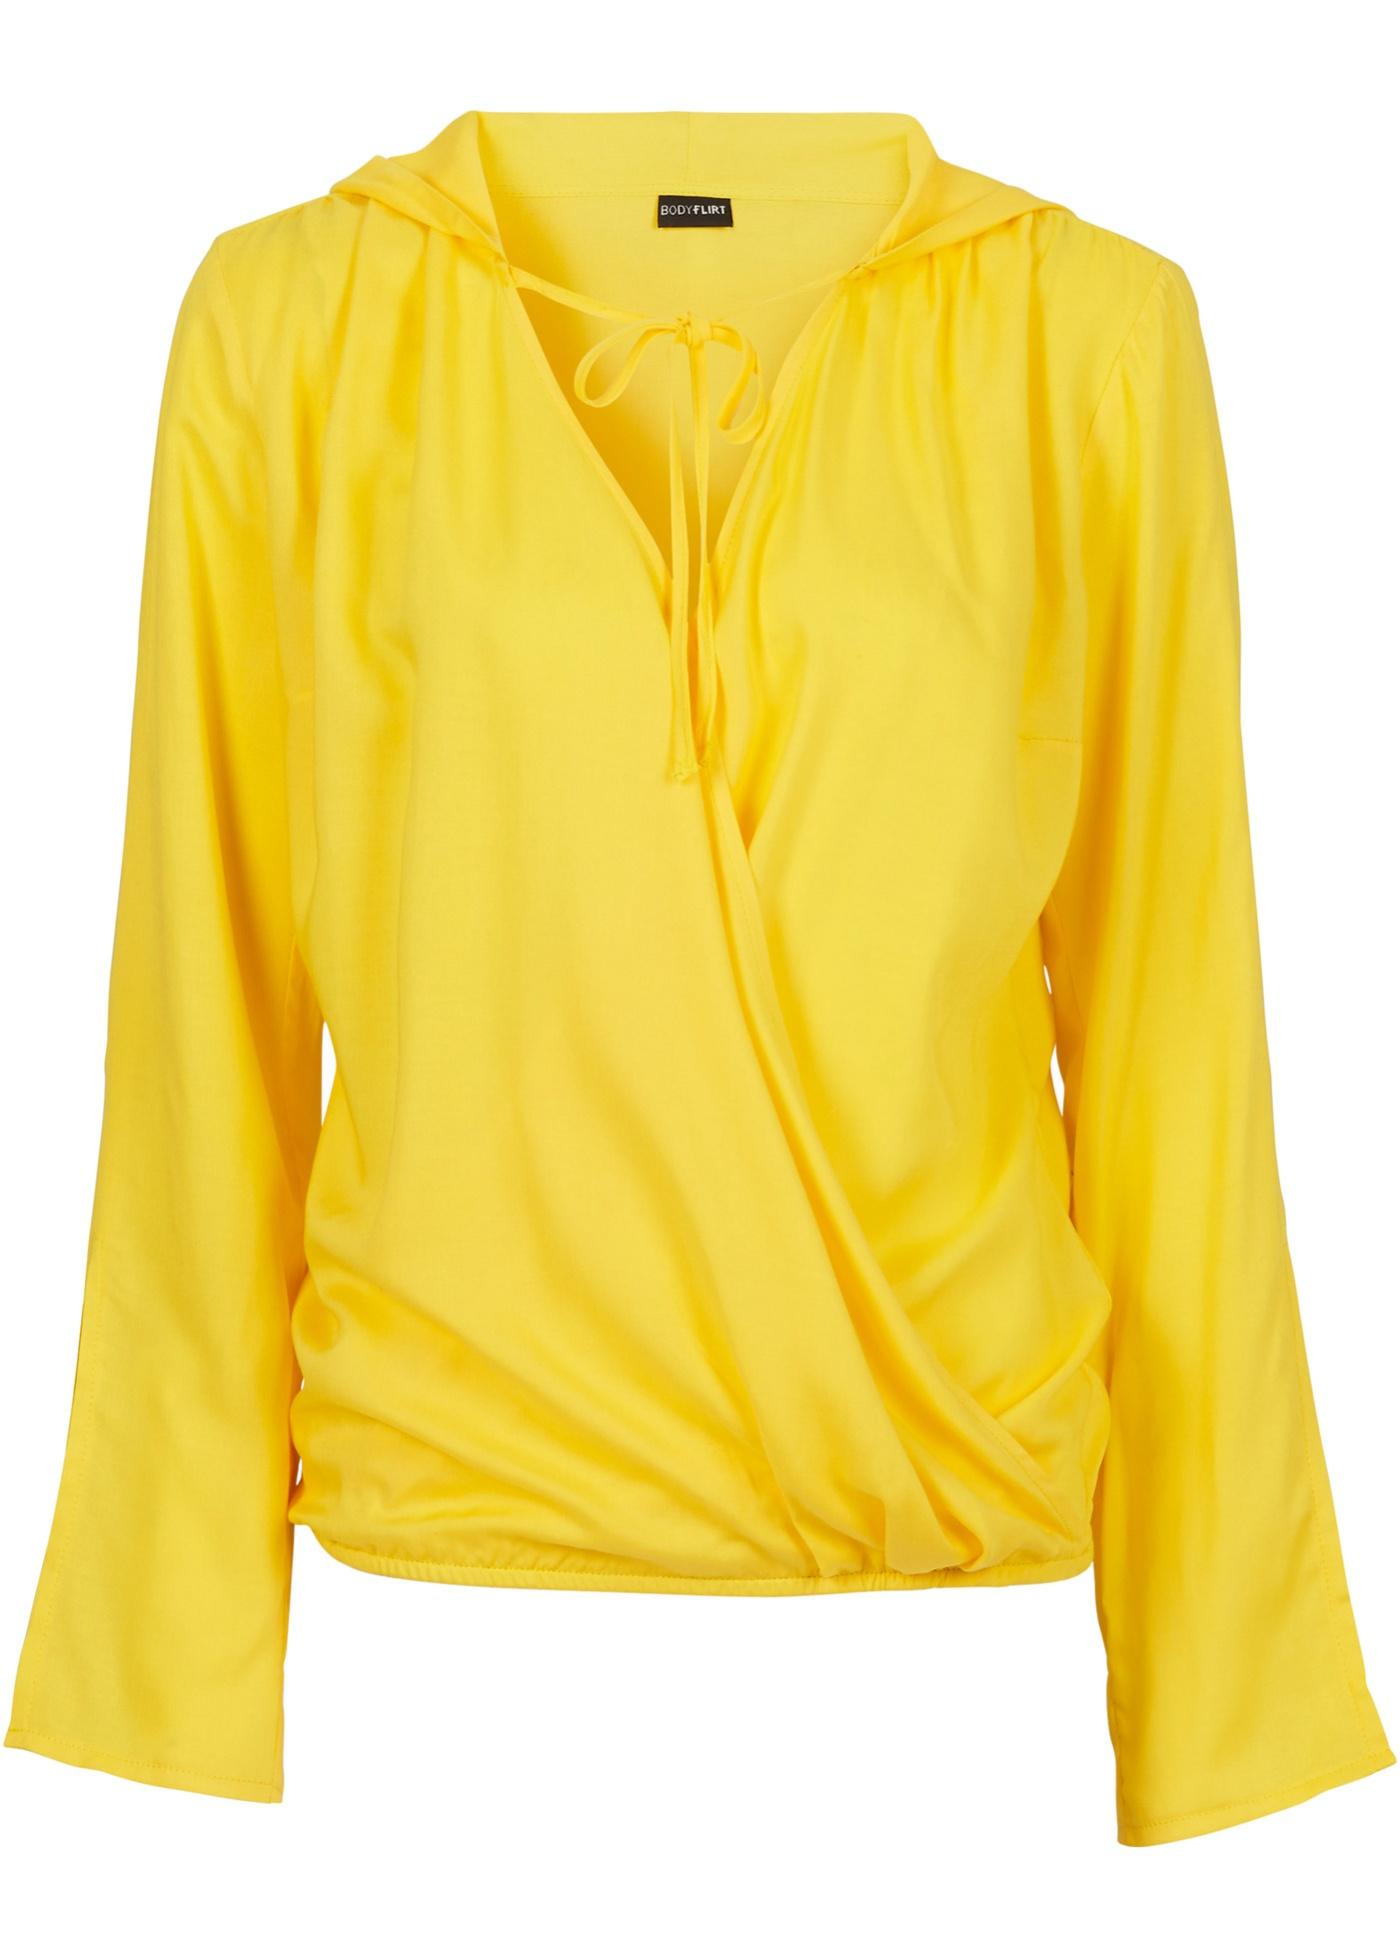 Блузка С Капюшоном Доставка